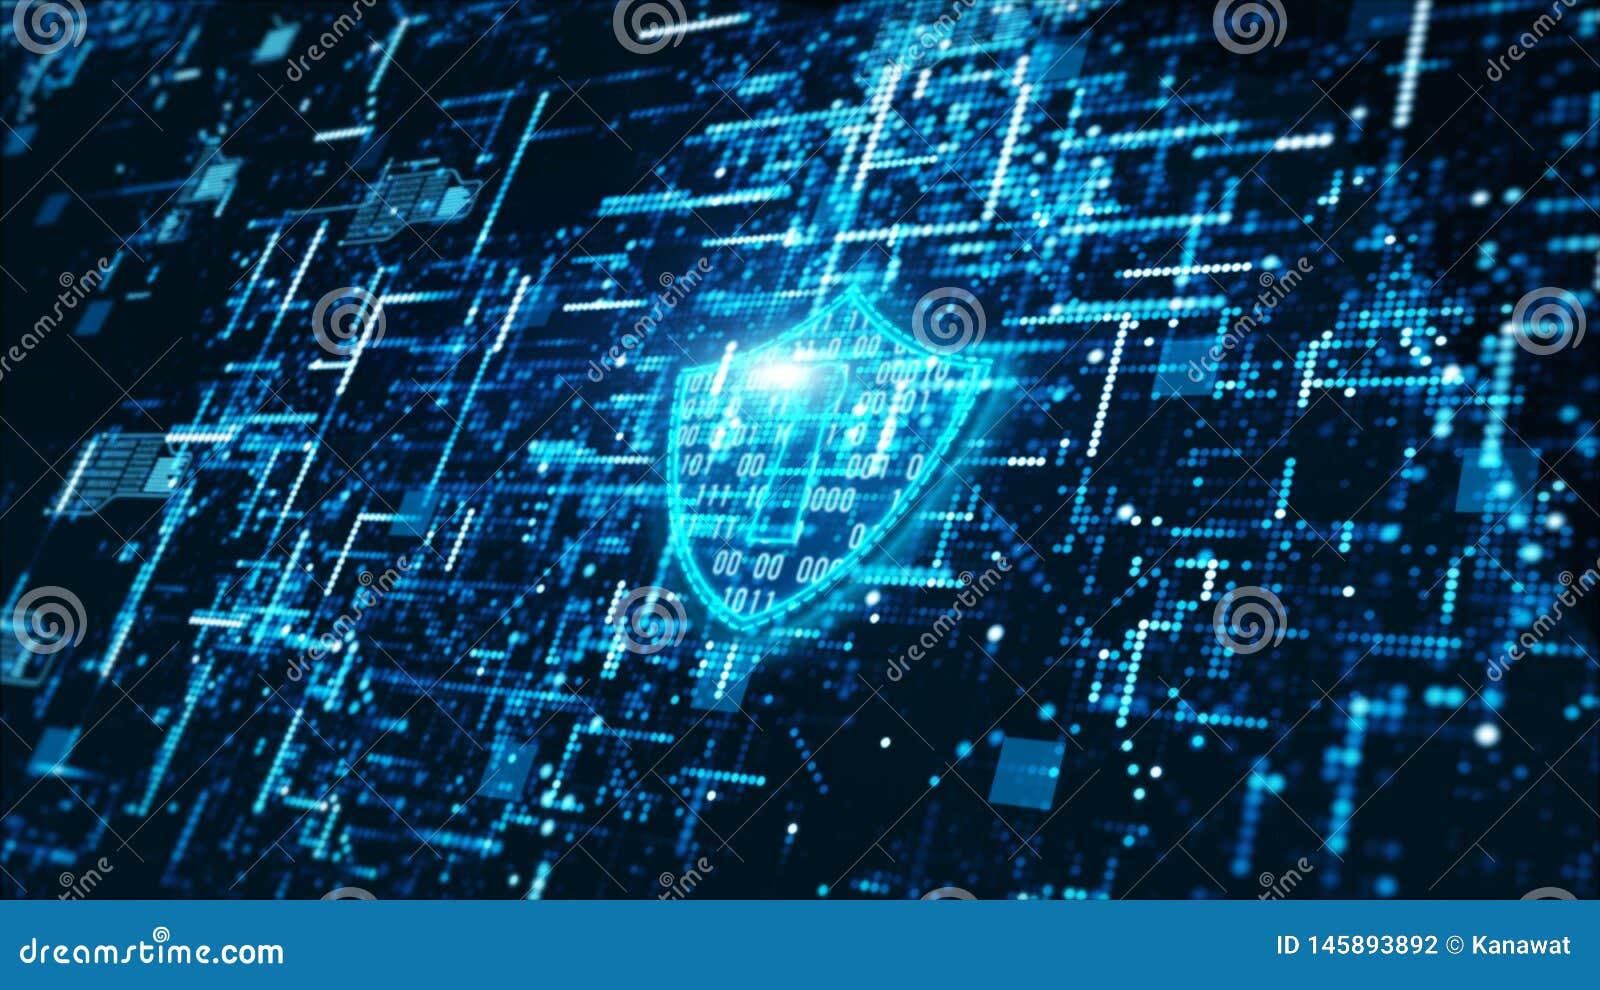 高科技数字技术网络安全显示全息照相的信息抽象背景